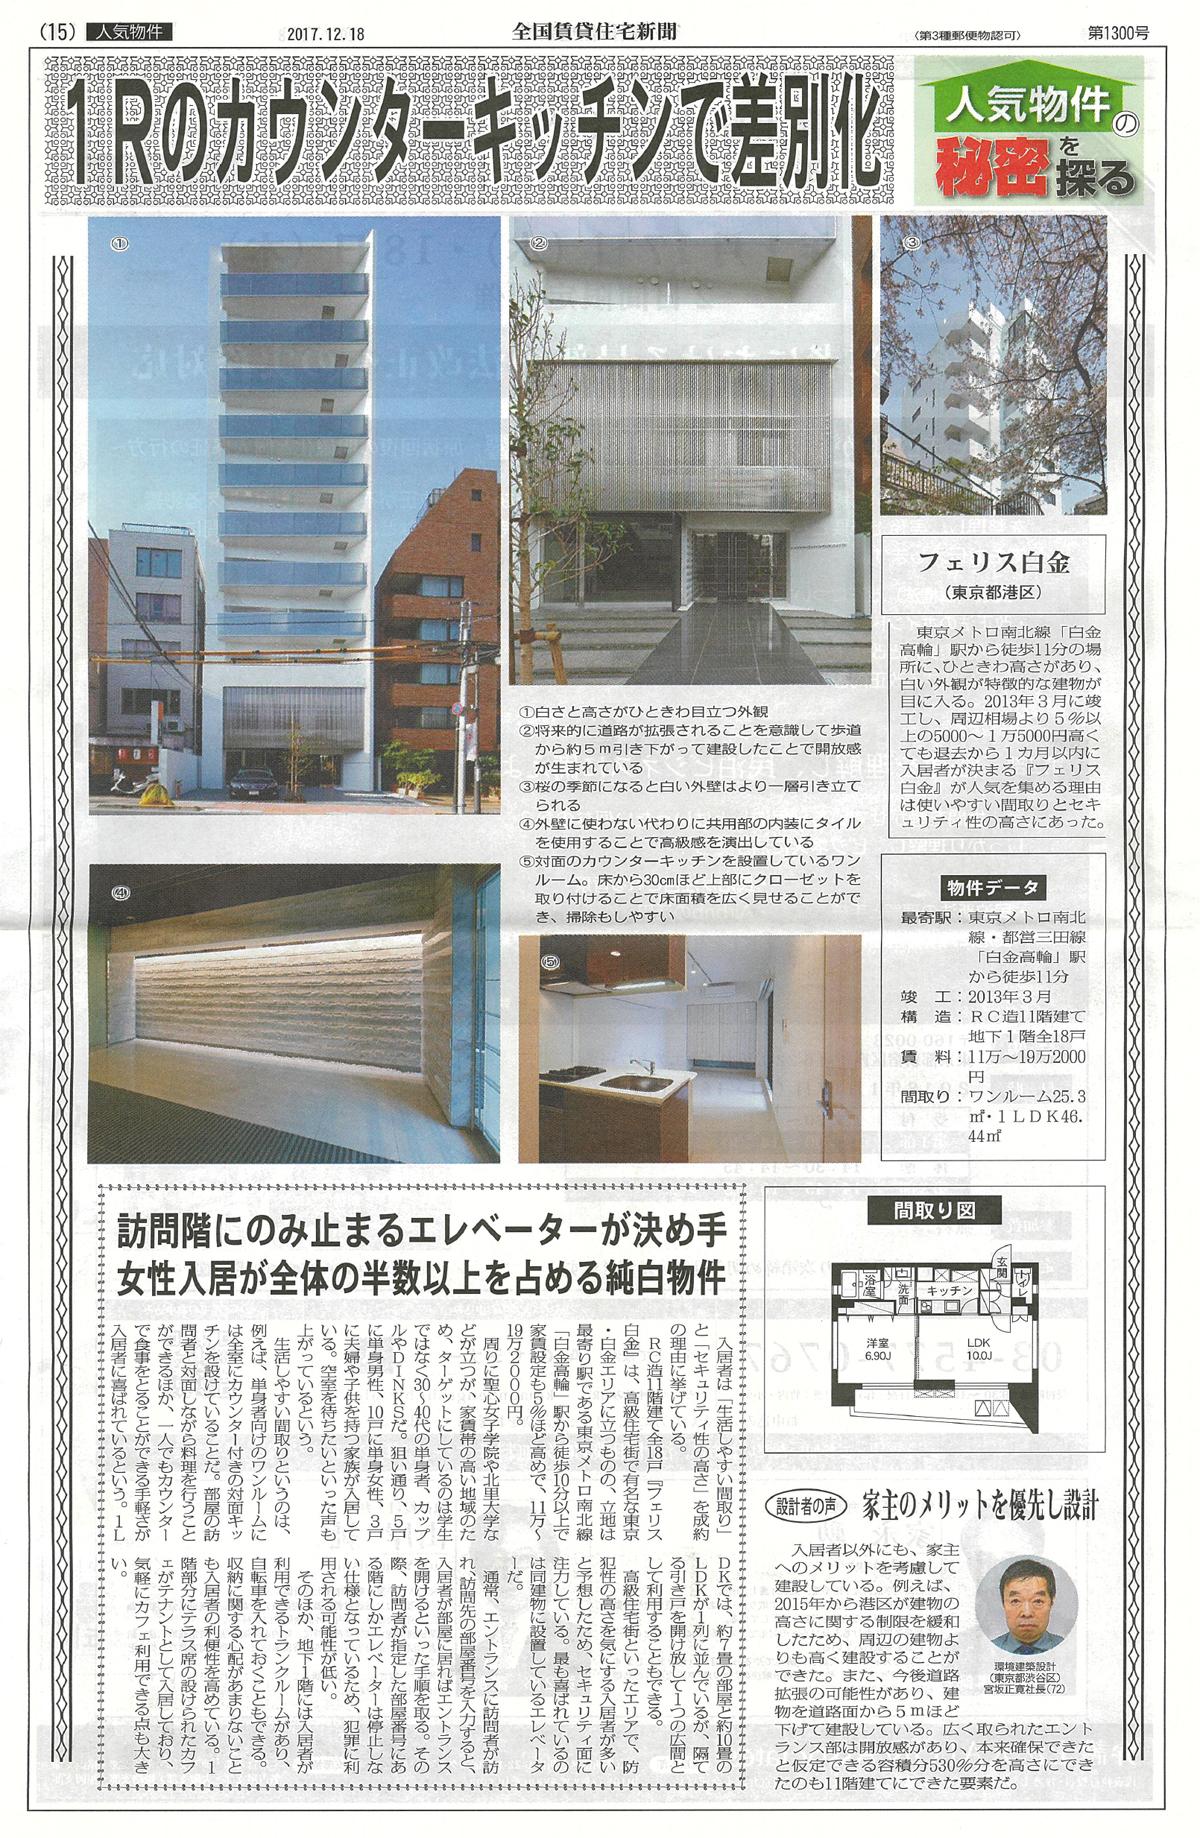 12月18日全国賃貸住宅新聞の「人気物件の秘密を探る」